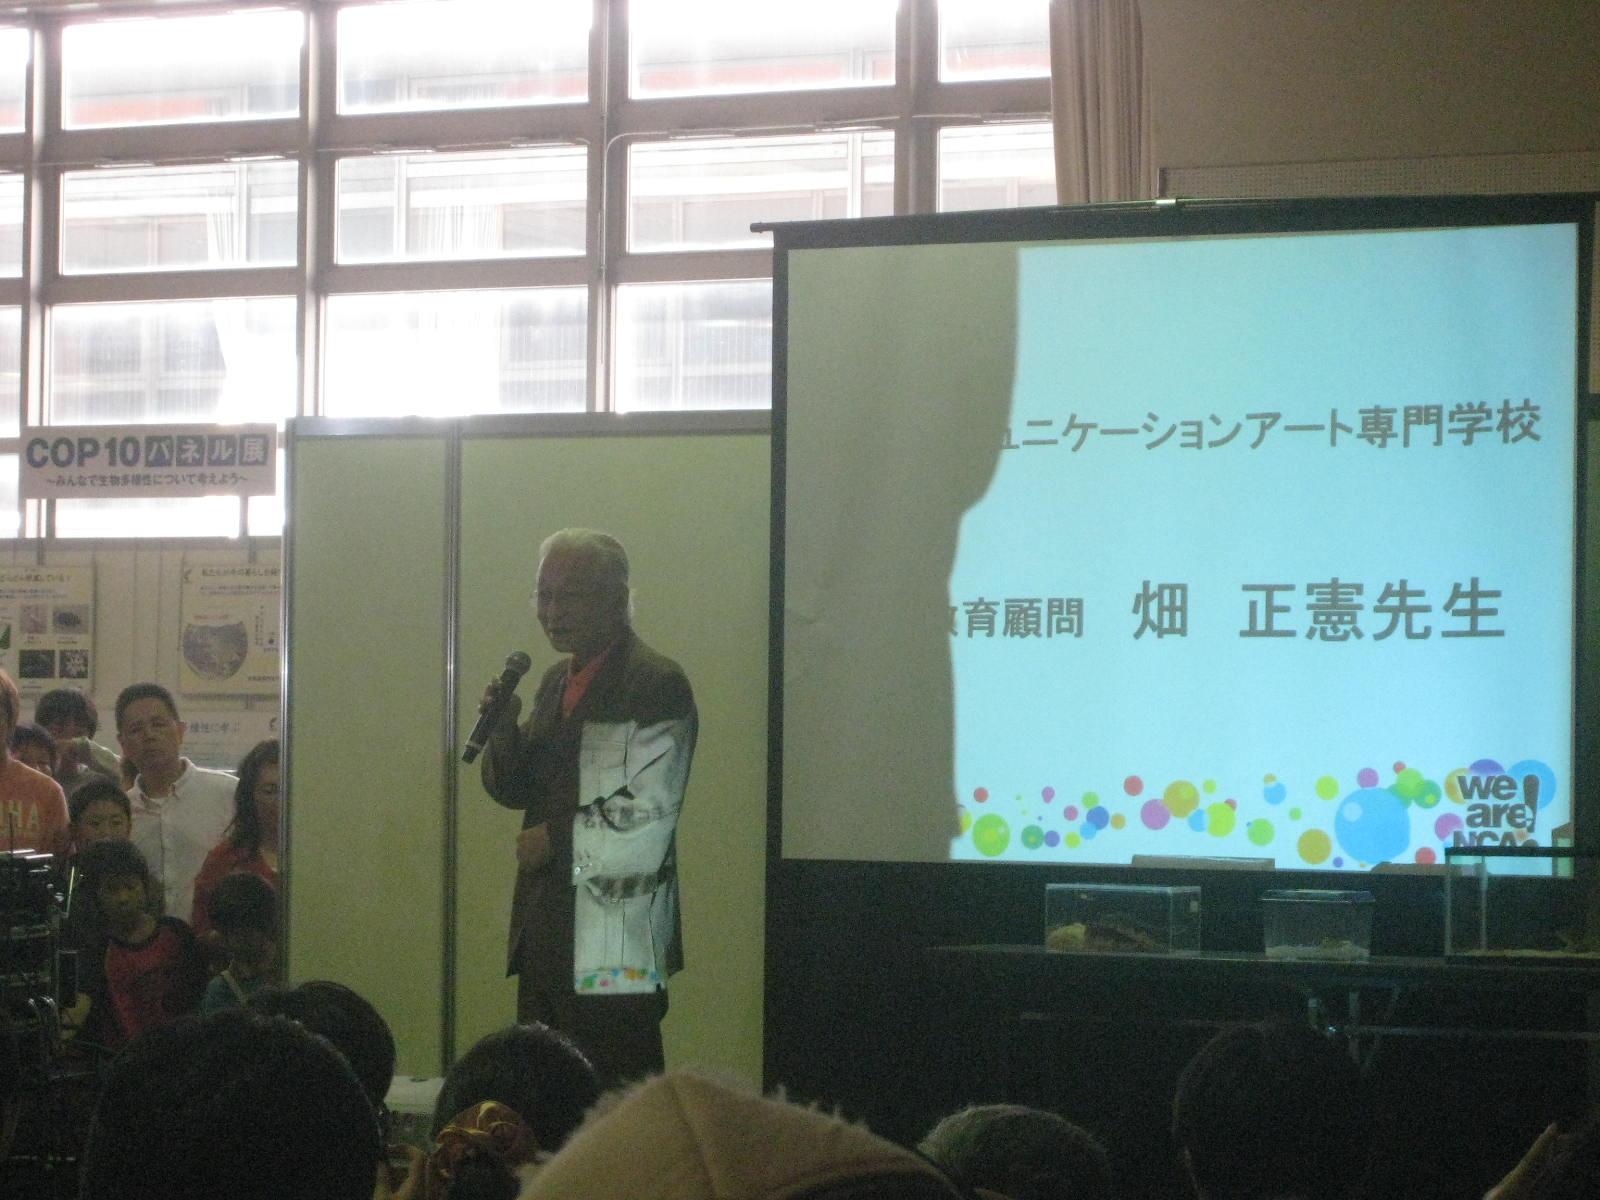 ナゴヤレプタイルズワールド2010へ(T-T) ウルウル_f0109257_13455720.jpg